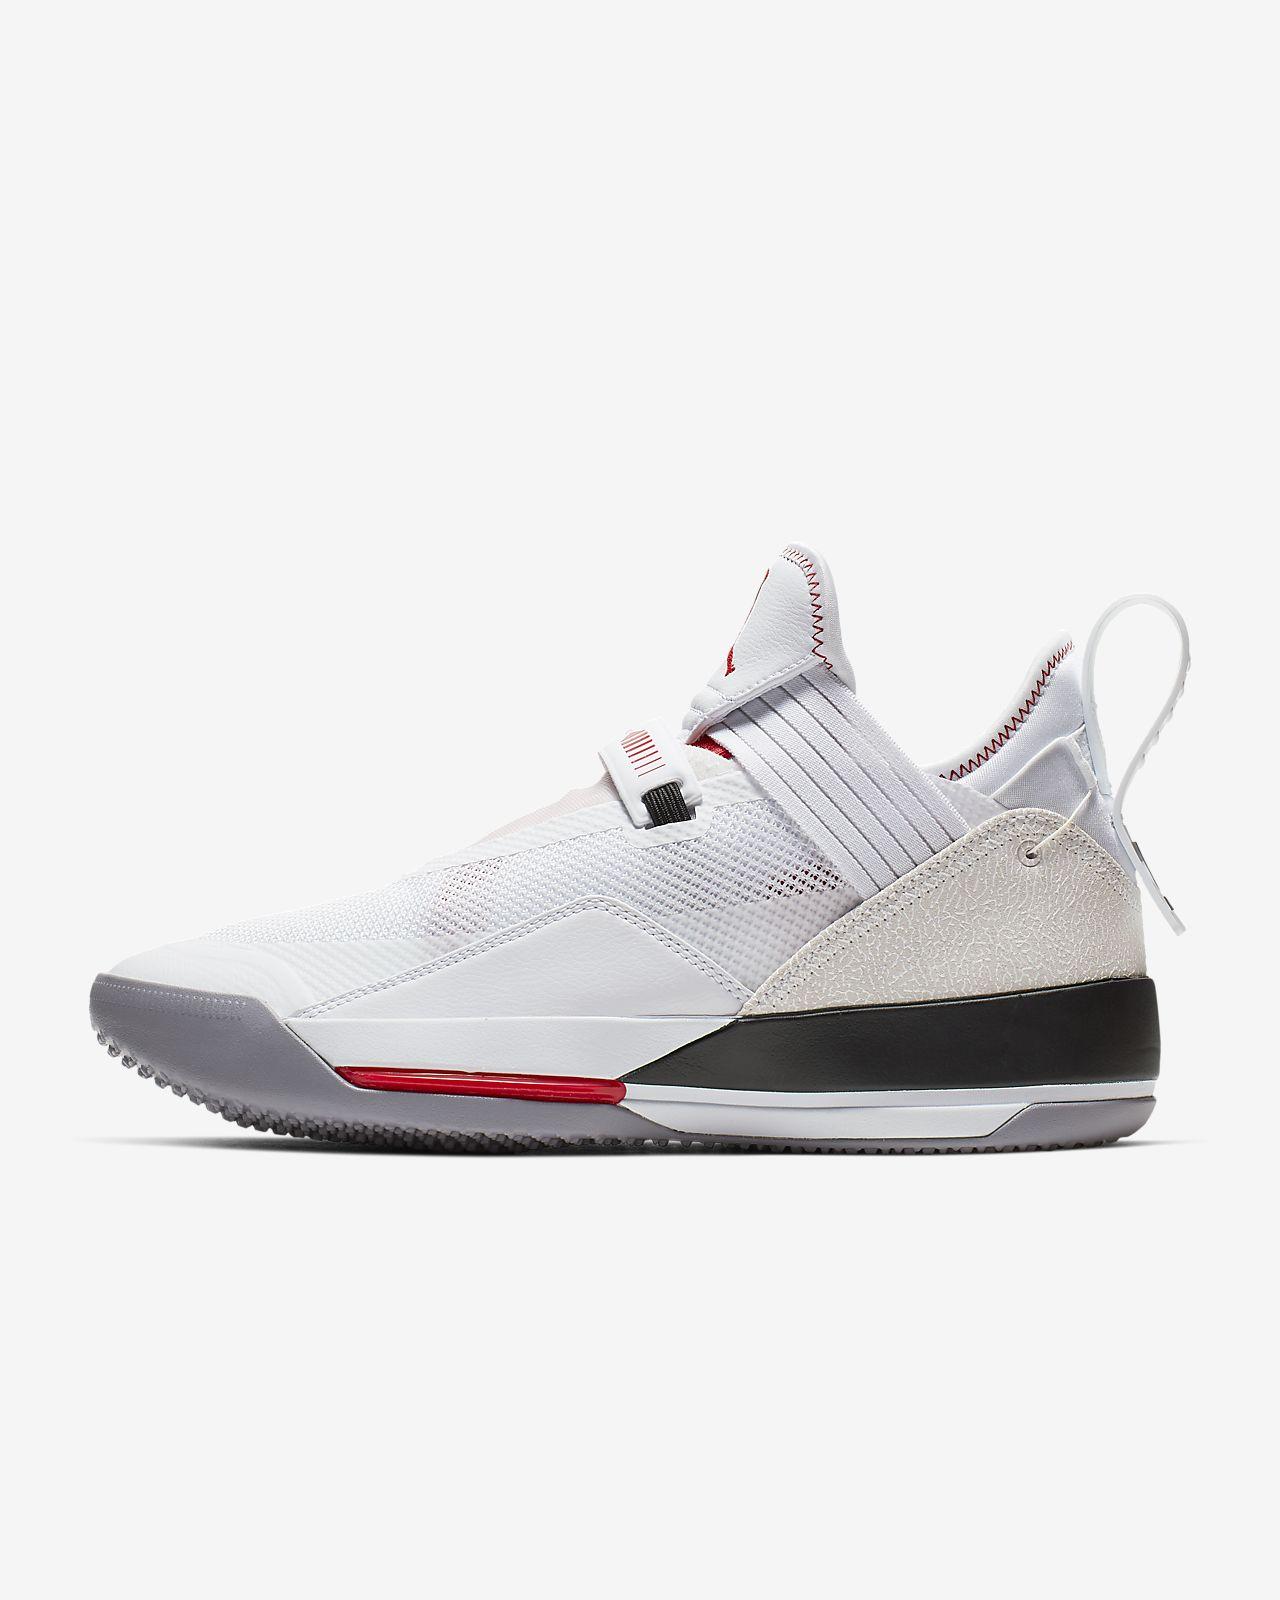 san francisco accd0 28c23 ... Basketsko Air Jordan XXXIII SE för män